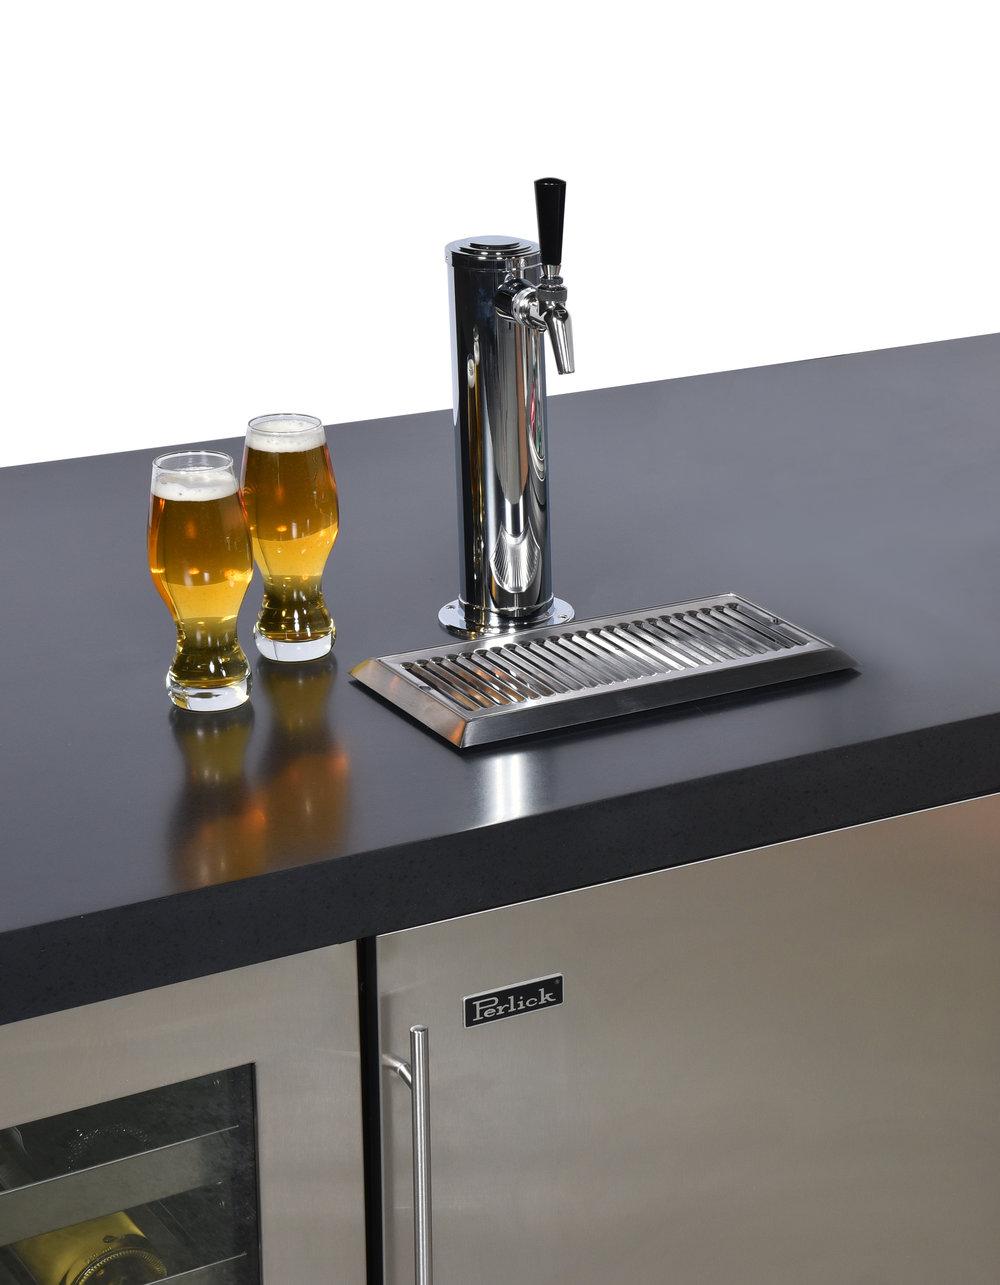 DAW_5091 Beer Tap.jpg